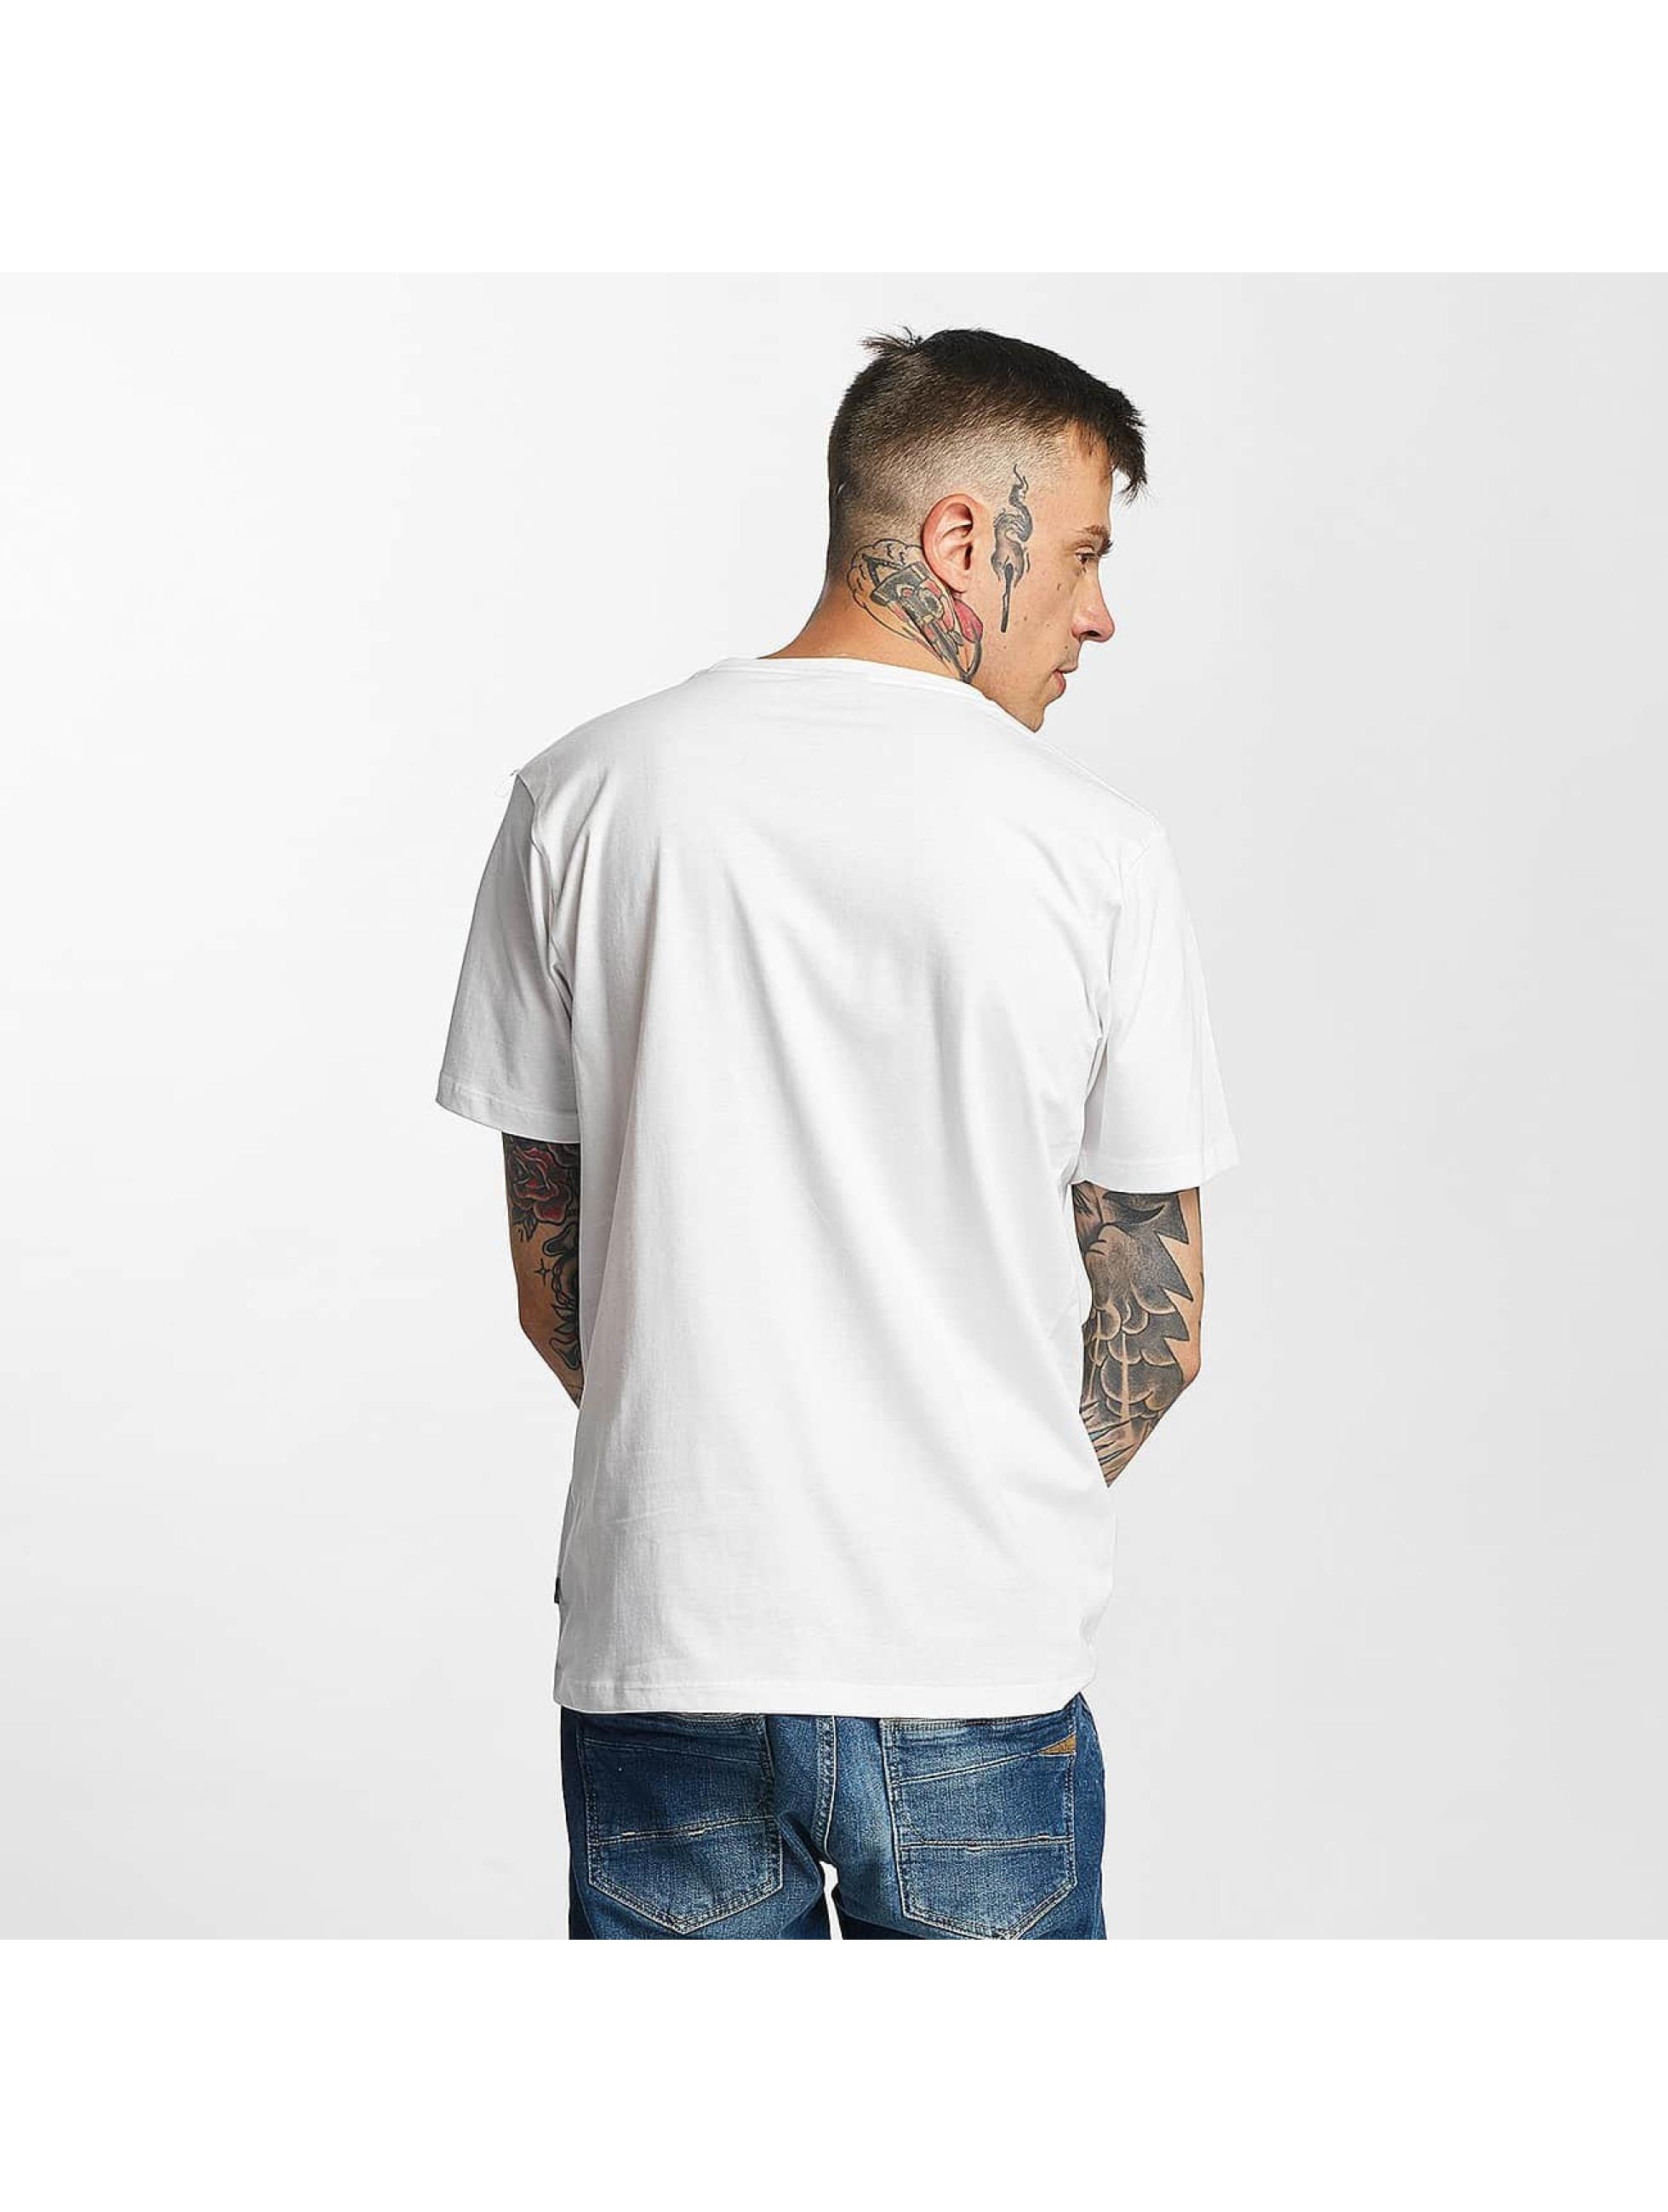 Tealer T-Shirt My Dealer white